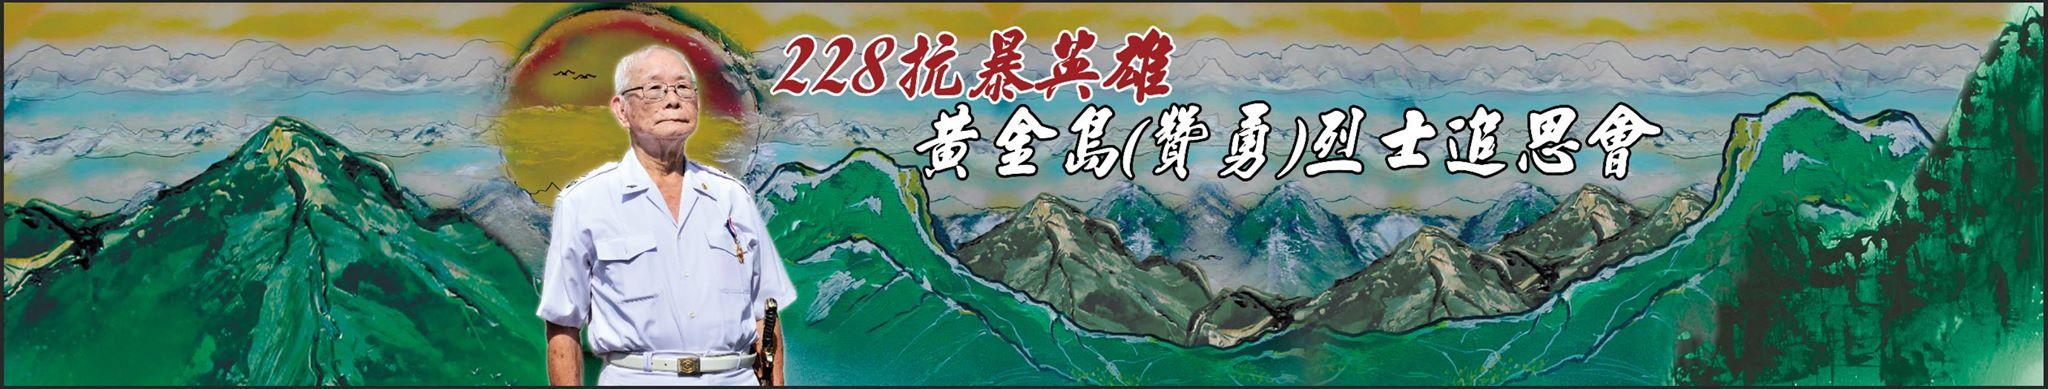 【活動預告】8/10 228抗暴英雄黃金島烈士(贊勇同修)揭碑追思會